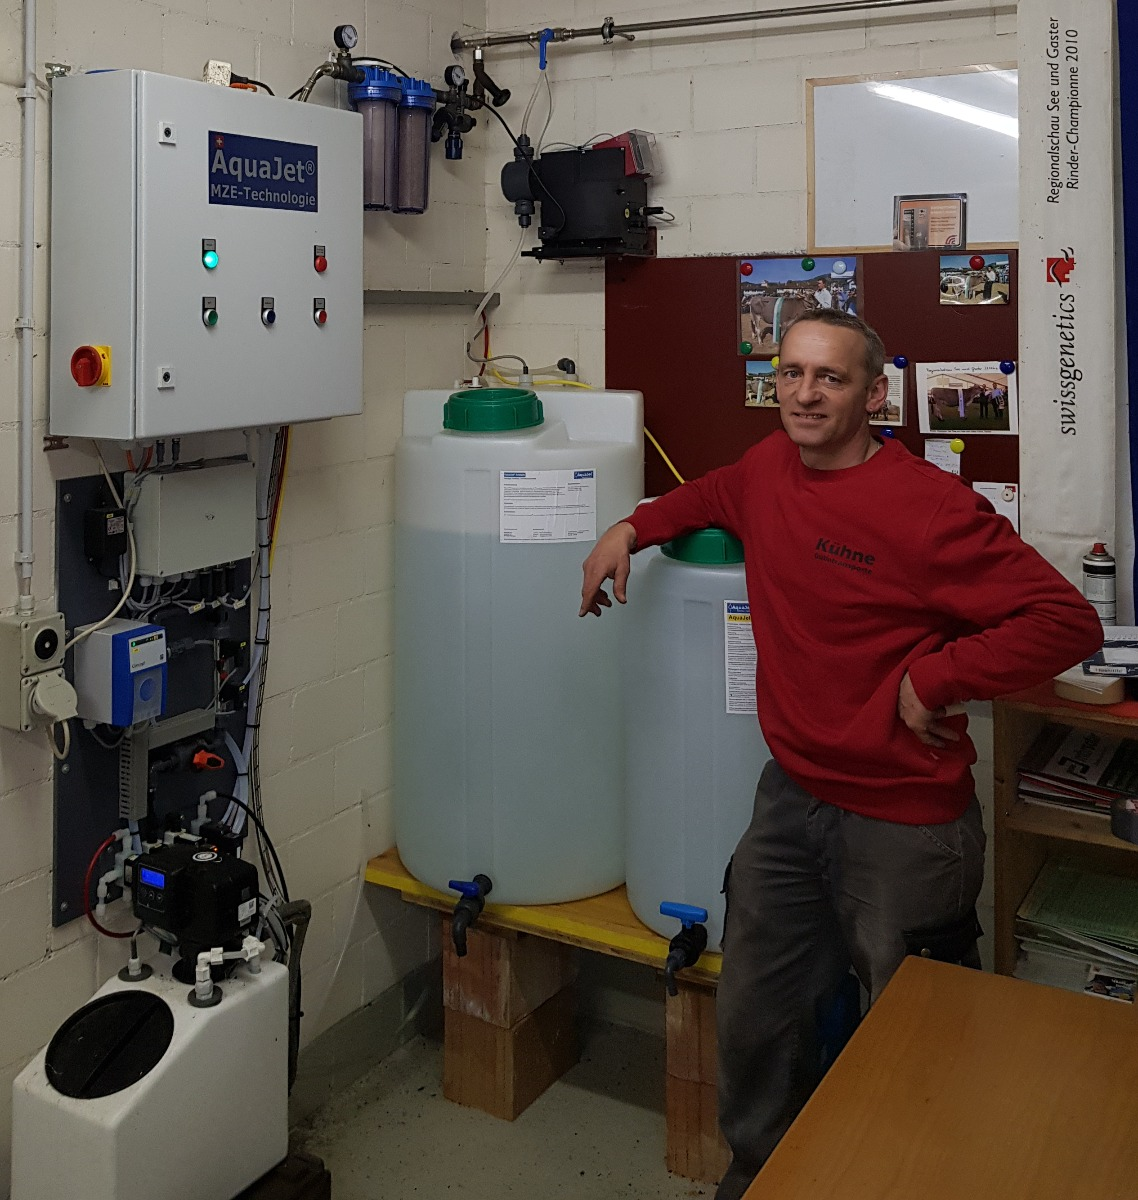 Peter Kühne vor seinem AquaJet MZE-Generator